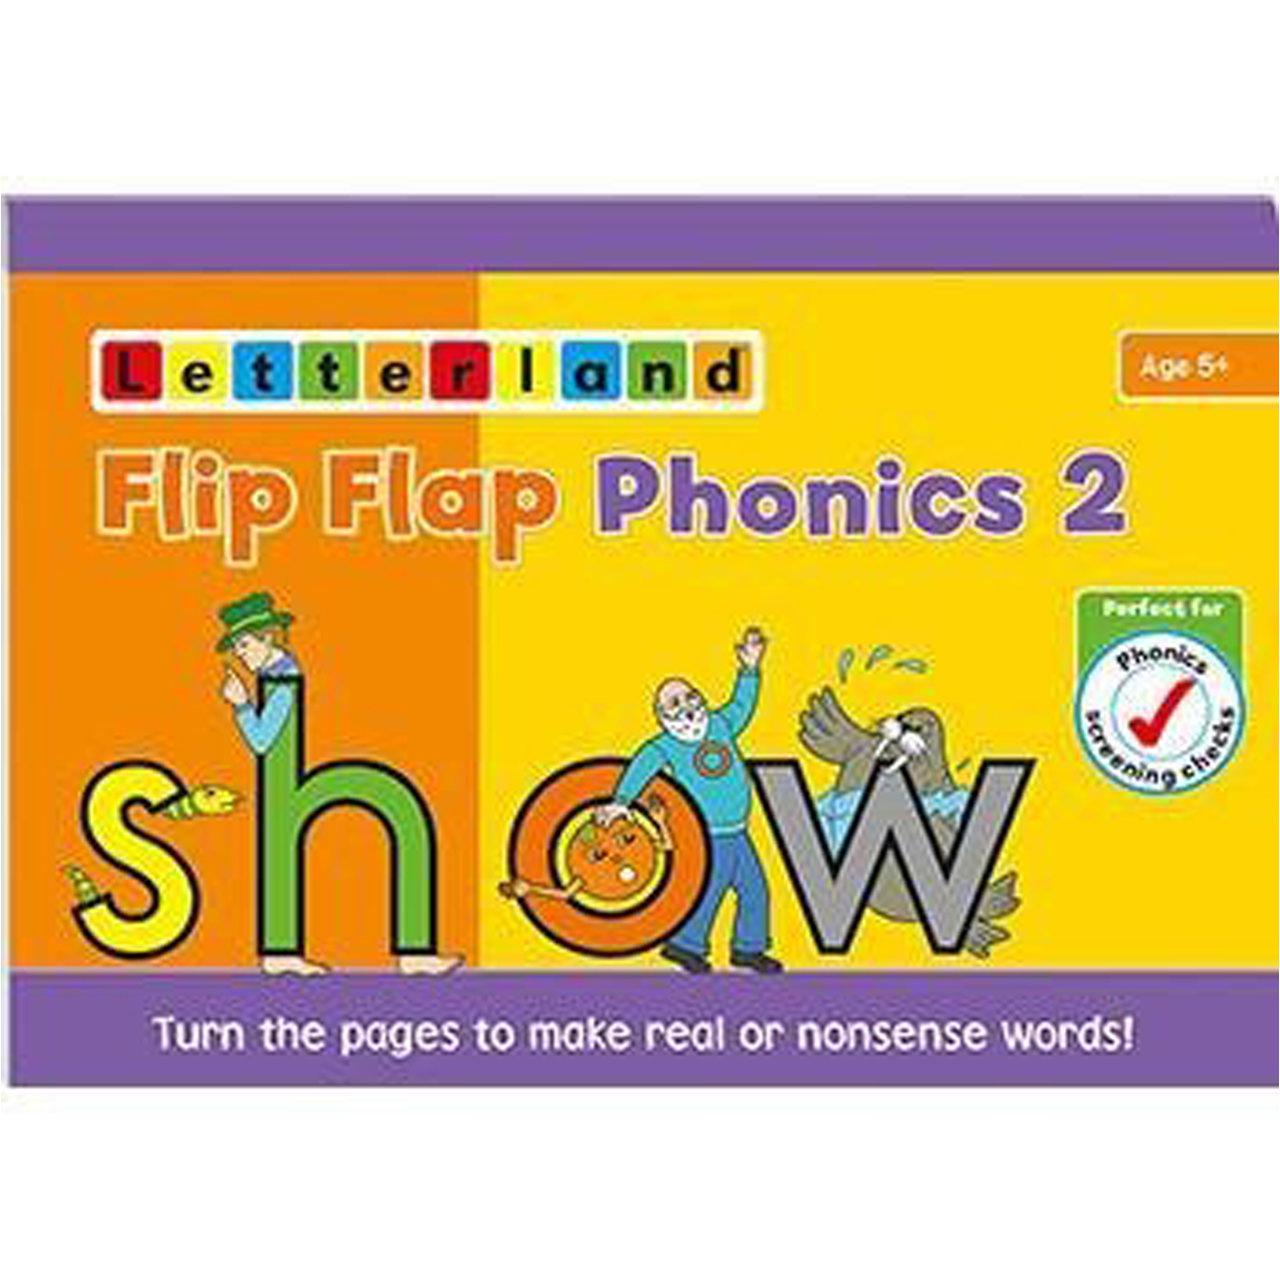 Flip Flap Phonics 2